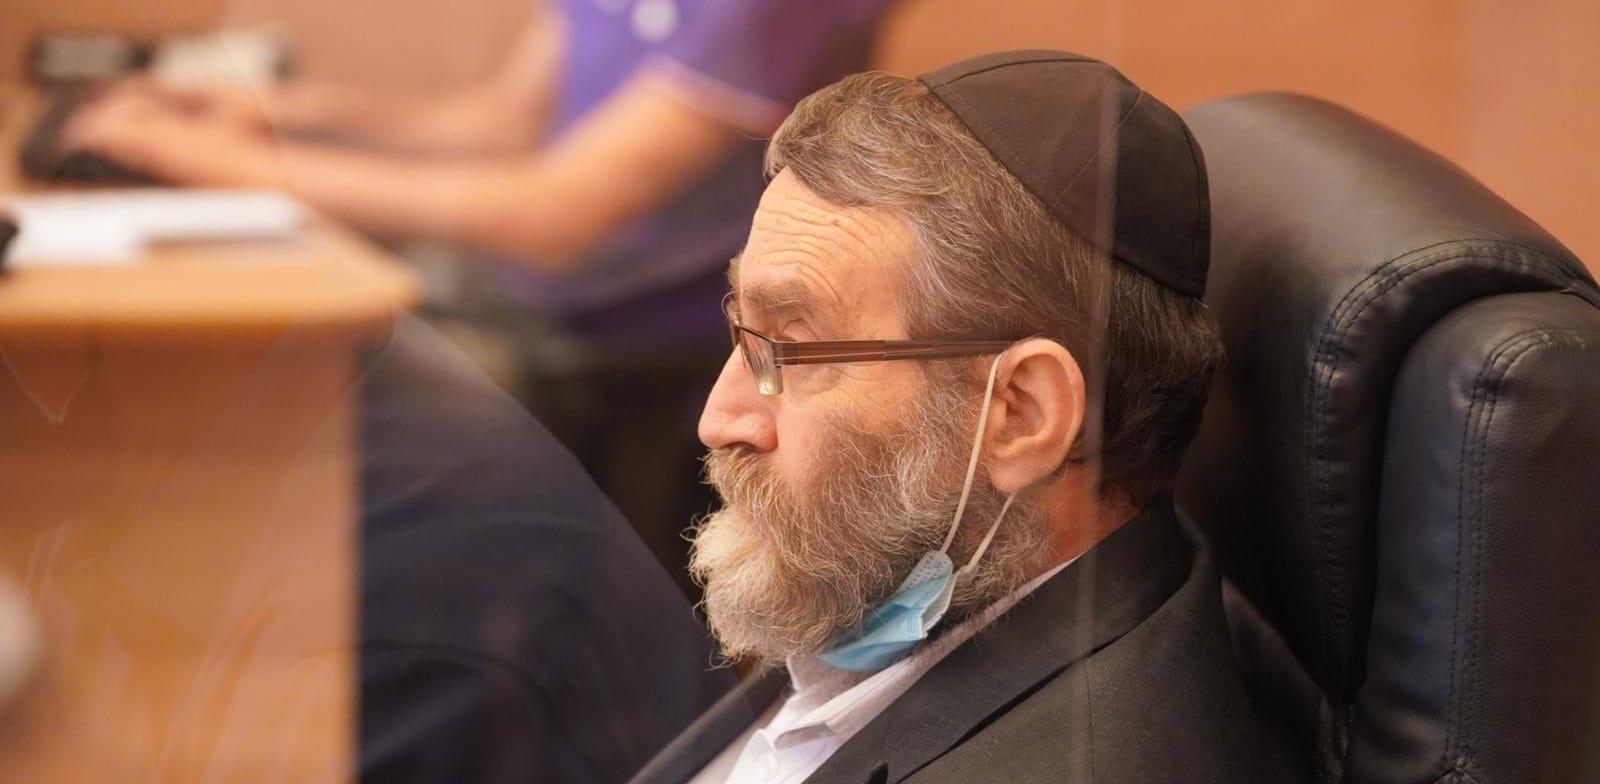 """יו""""ר ועדת הכספים הנוכחי, משה גפני. מי יחליף אותו? / צילום: דוברות הכנסת שמוליק גרוסמן"""